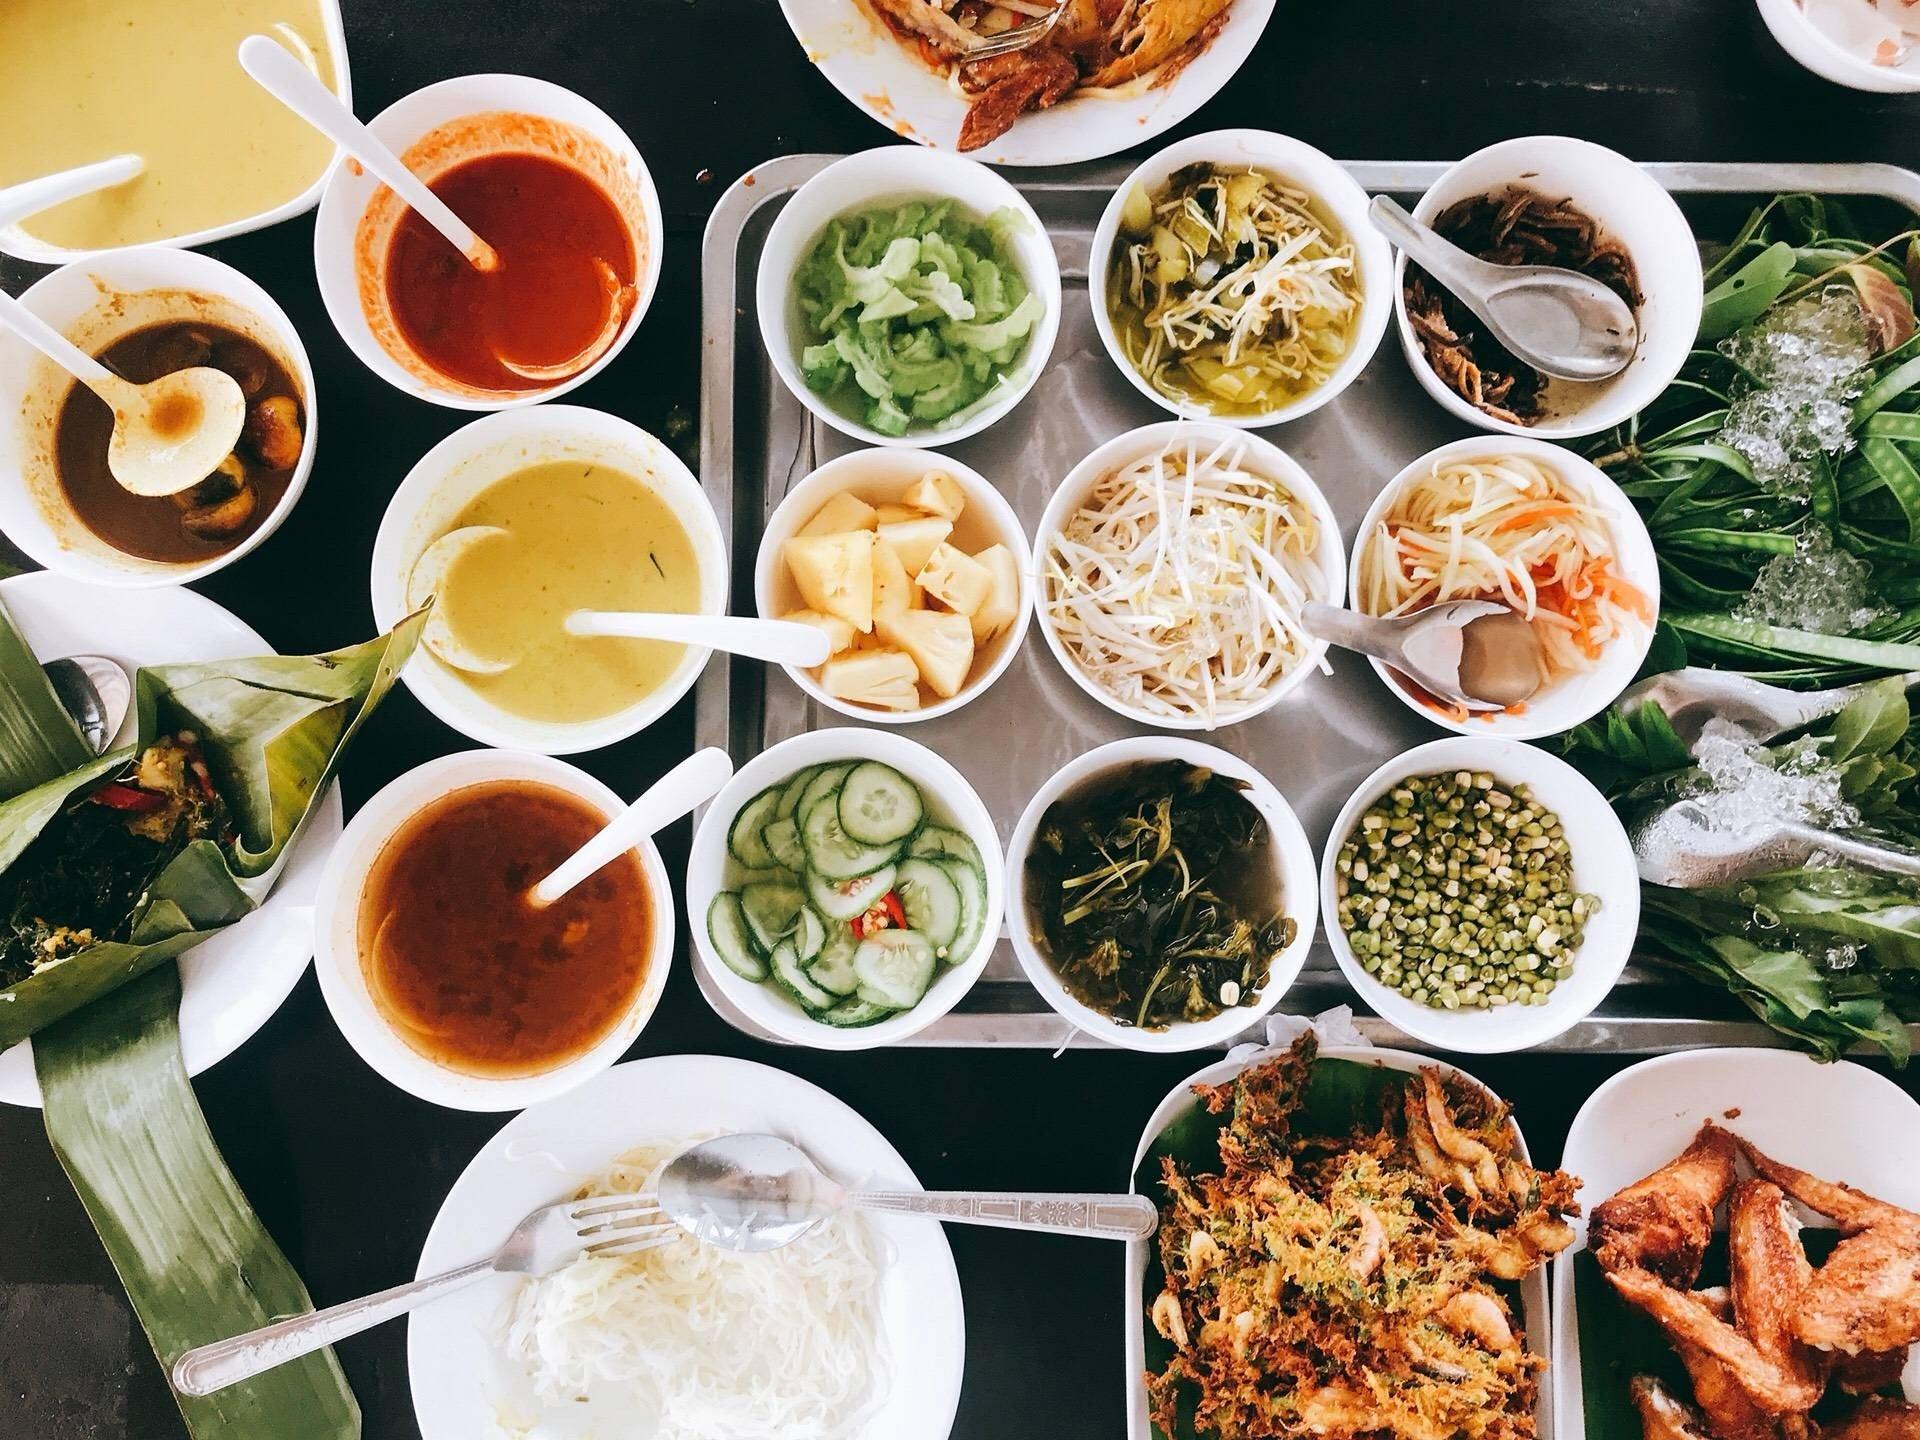 ขนมจีนแม่ยาย เส้นสดน้ำแกงปูม้า